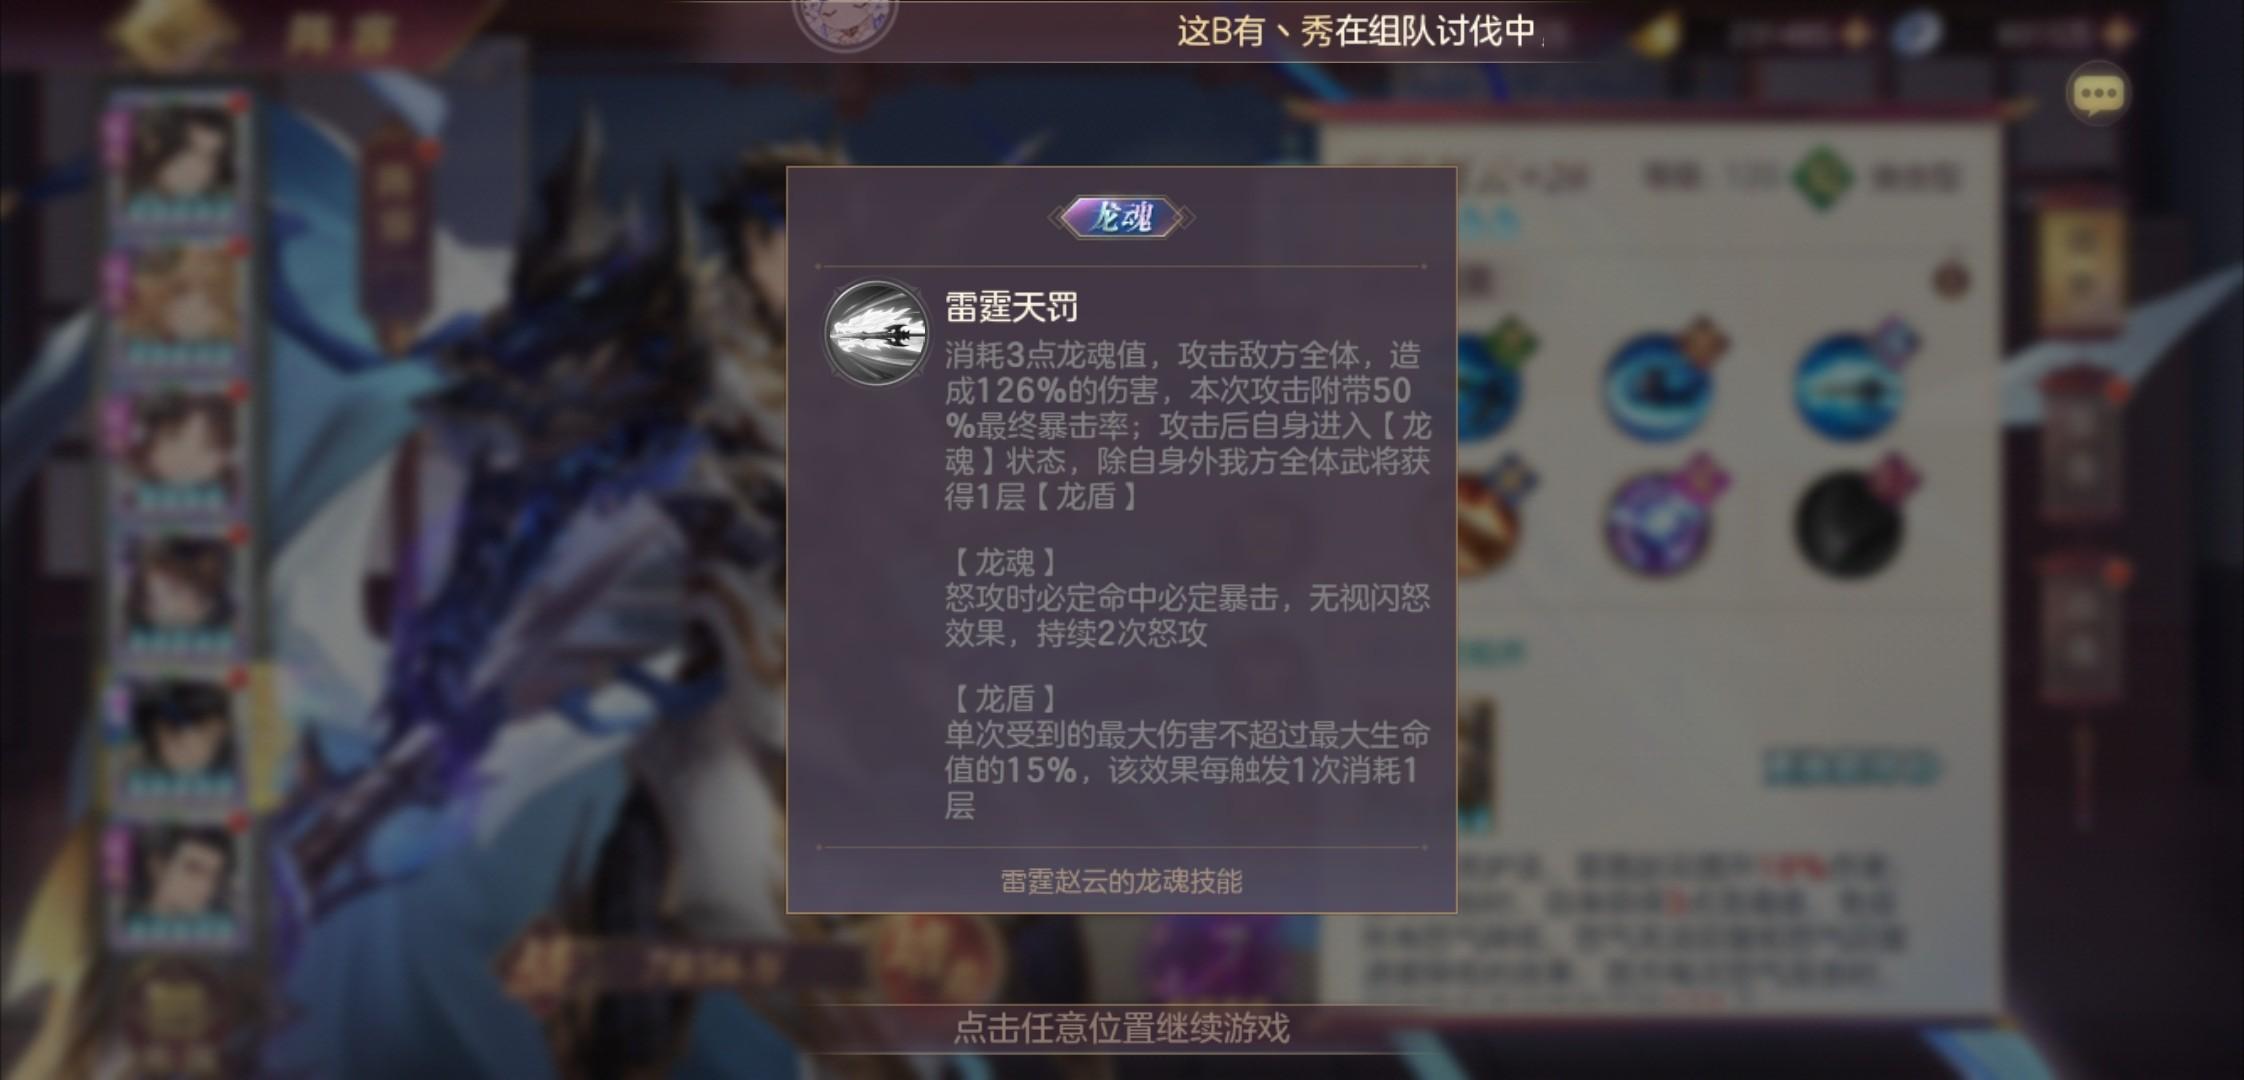 三国志幻想大陆雷霆赵云技能测评一览